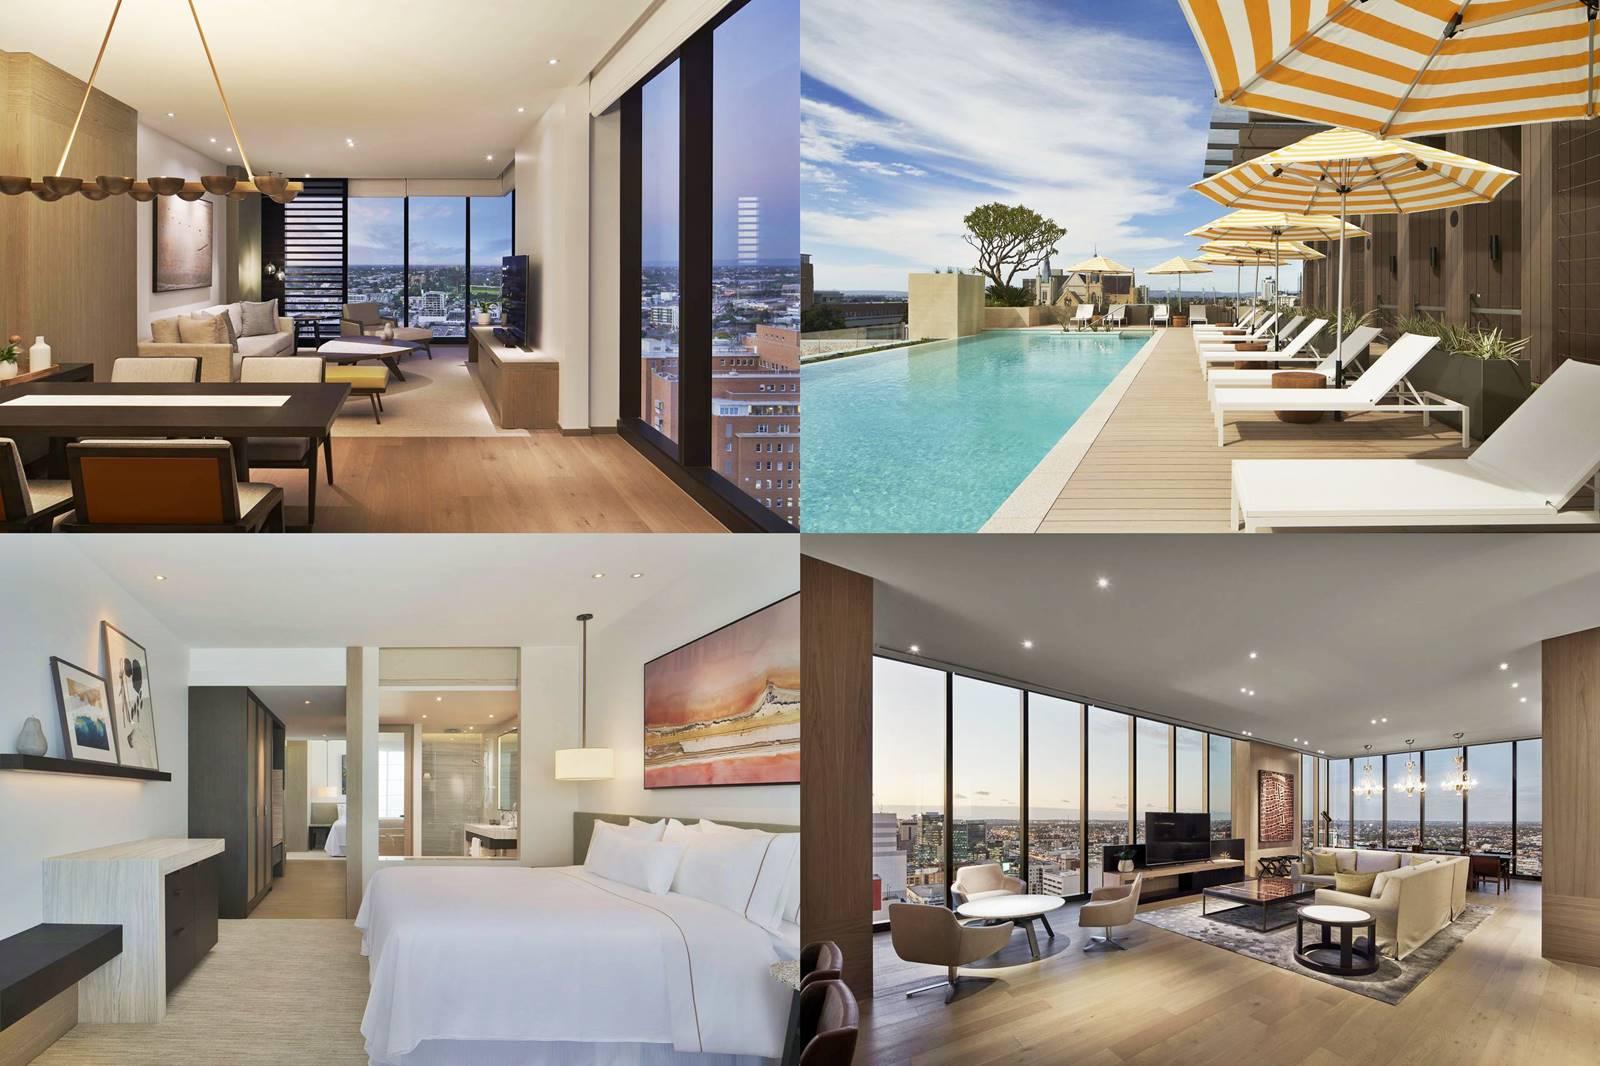 伯斯-市區-住宿-推薦-飯店-旅館-民宿-酒店-公寓-珀斯威斯汀酒店-The Westin Perth-便宜-CP值-自由行-觀光-旅遊-Perth-hotel